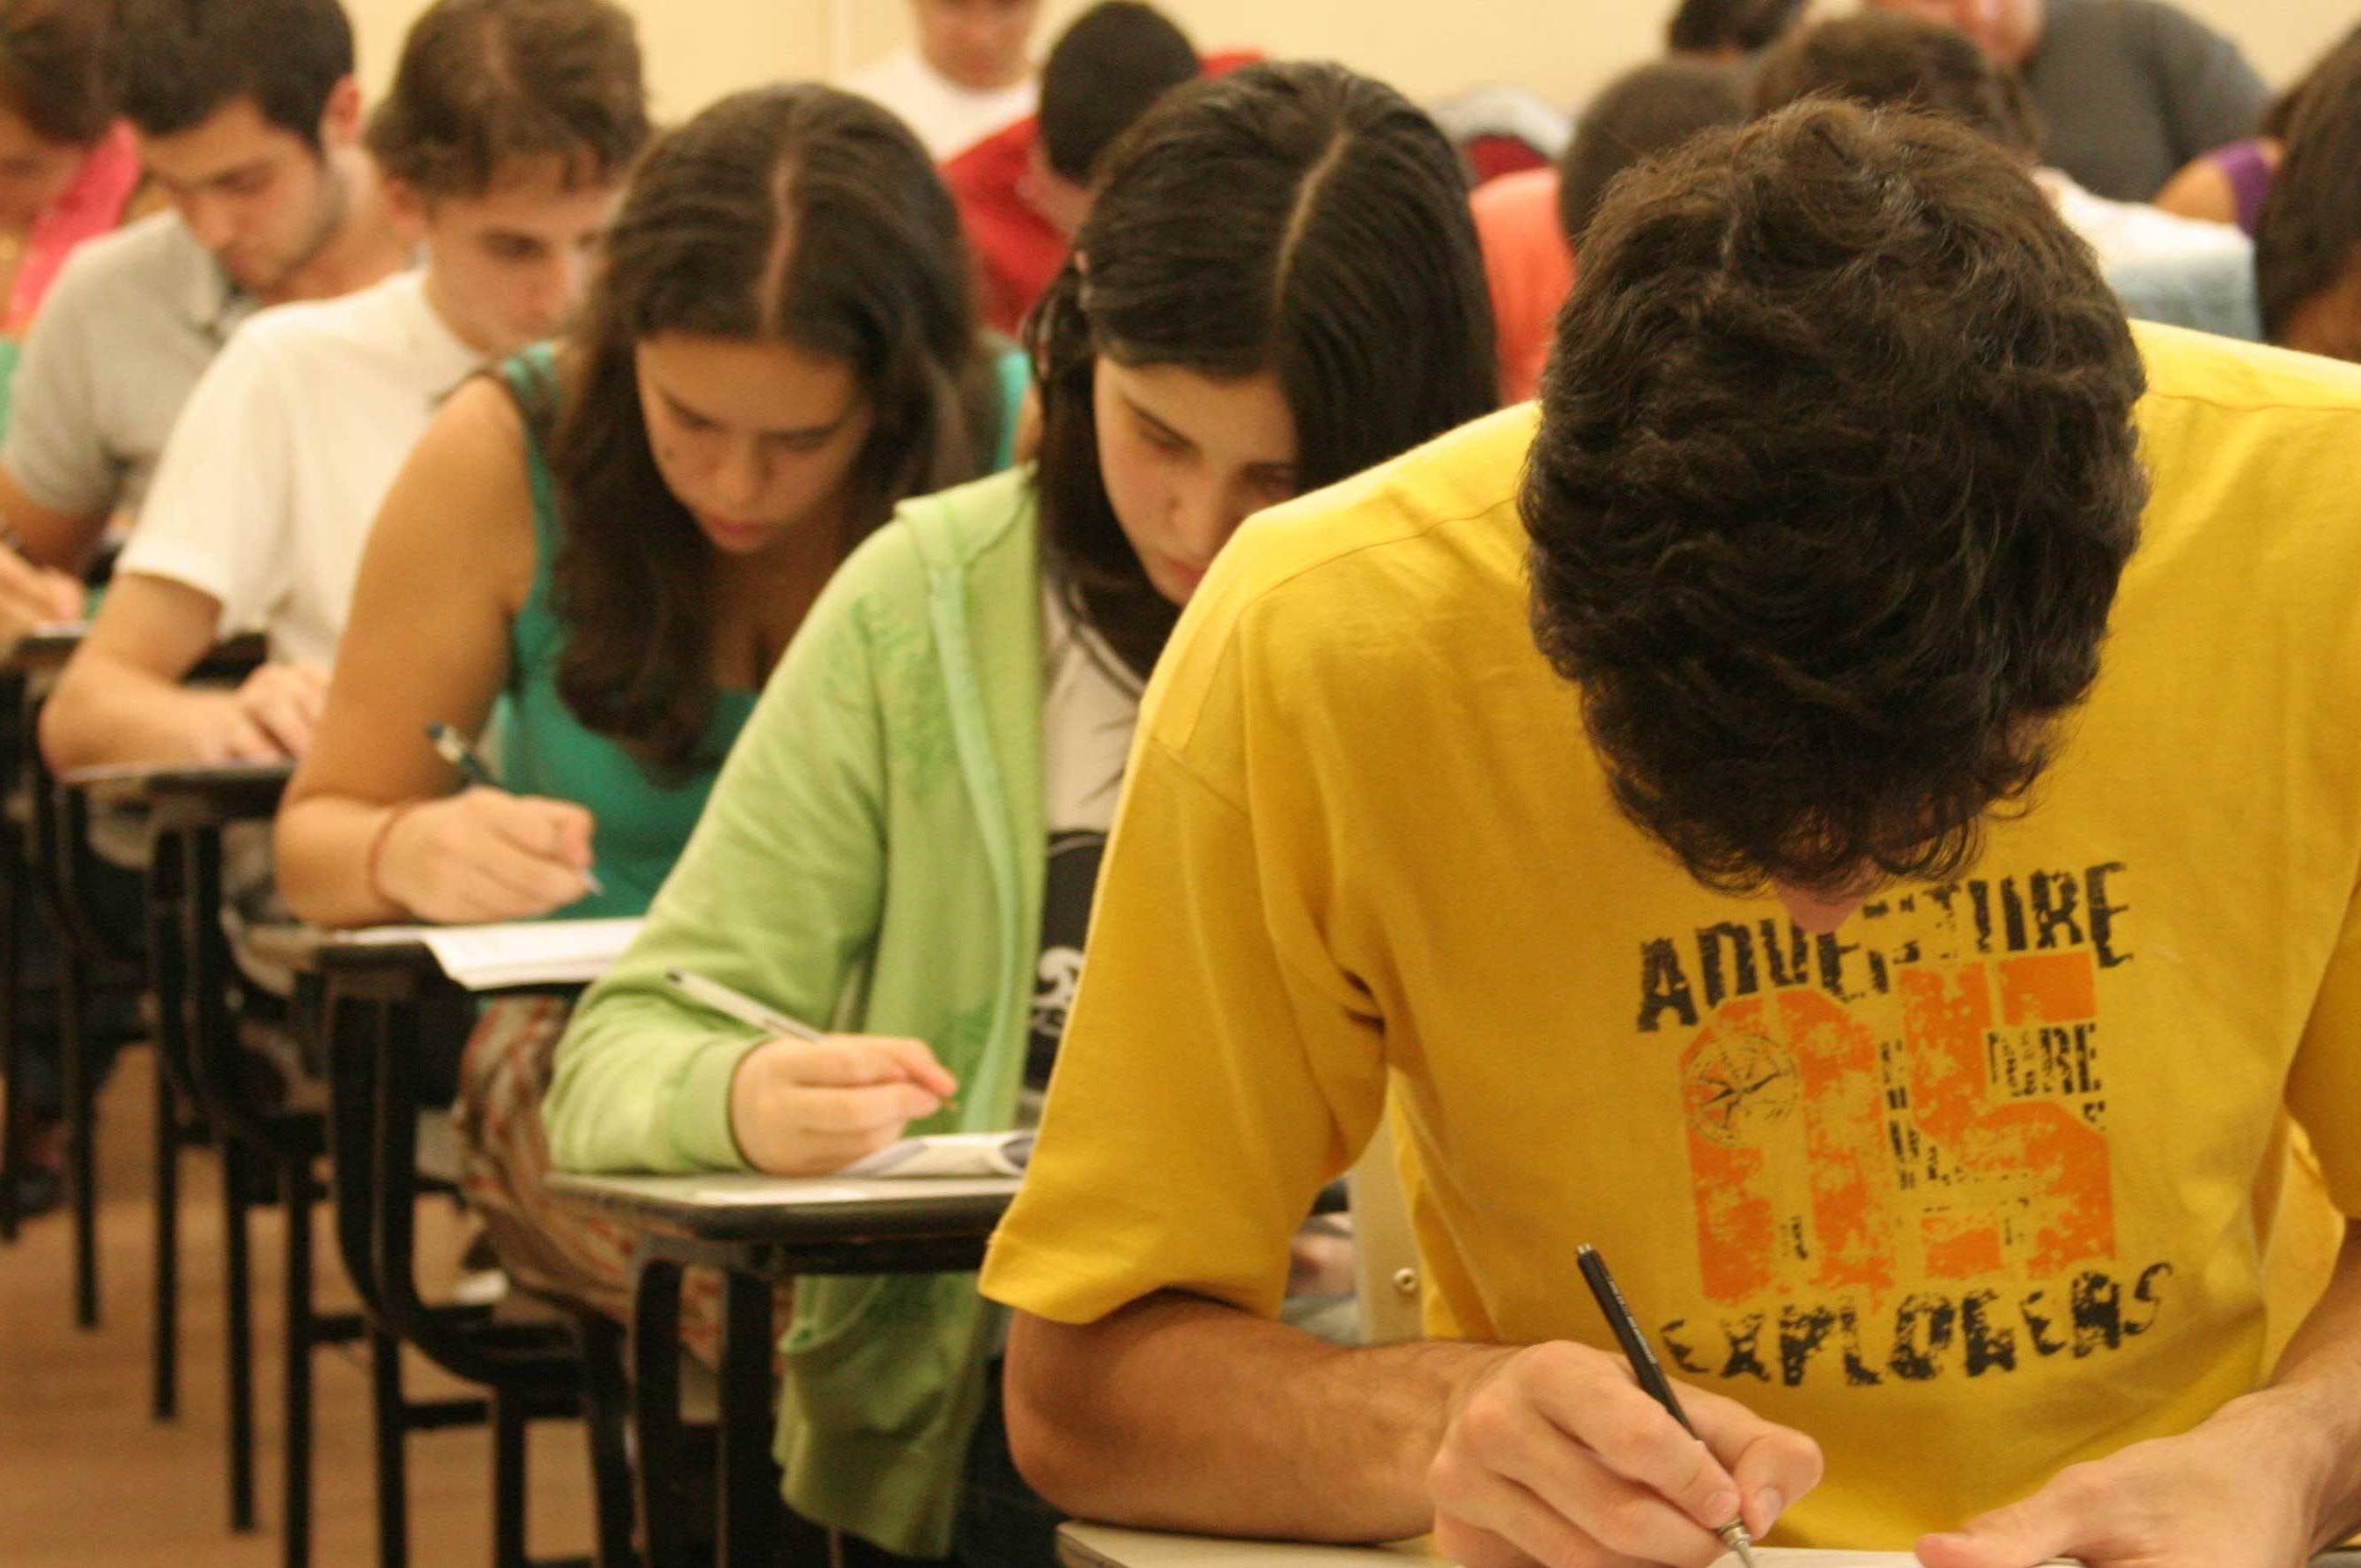 Entre todas as escolas brasileiras, a melhor escola em Jaboticabal foi o COC Cardiofísico, com 602 pontos (Foto: Ilustrativa/Divulgação)